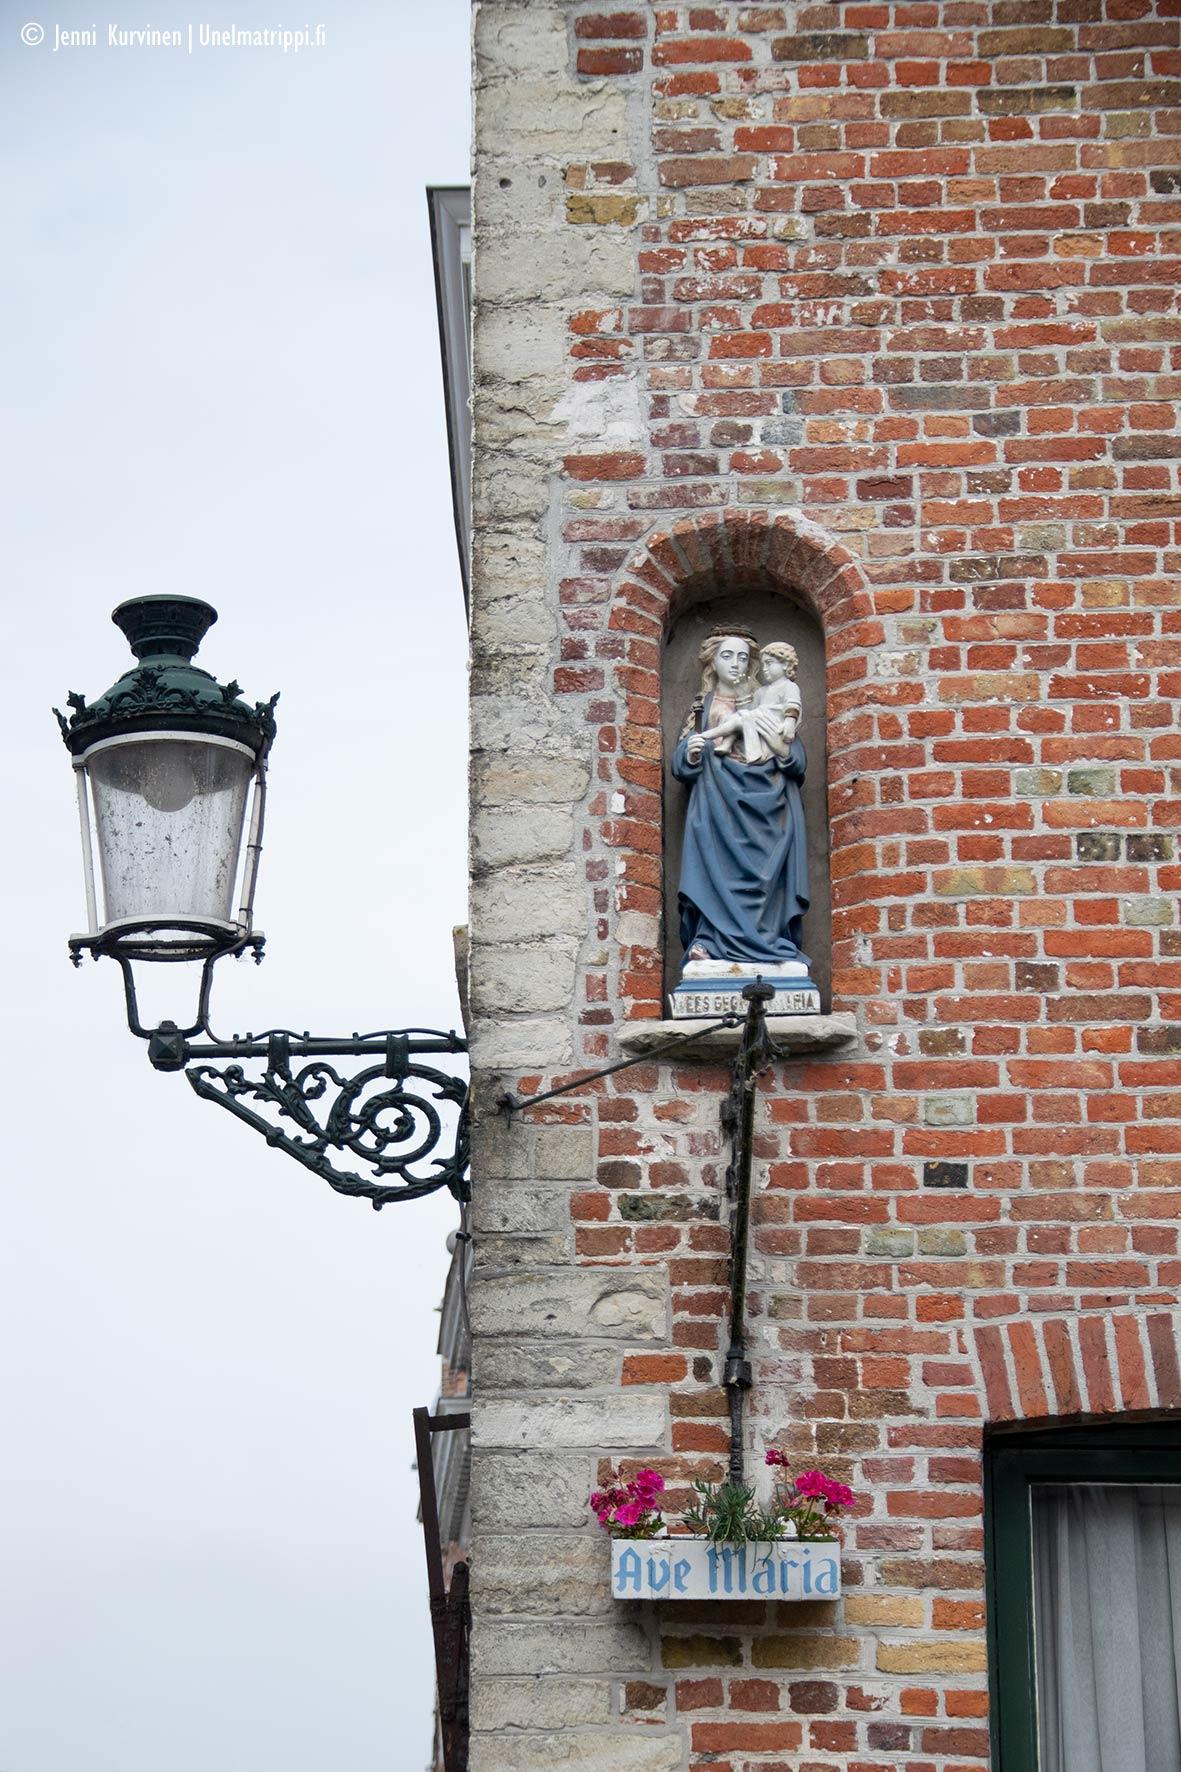 20181007-Unelmatrippi-Brugge-DSC0763